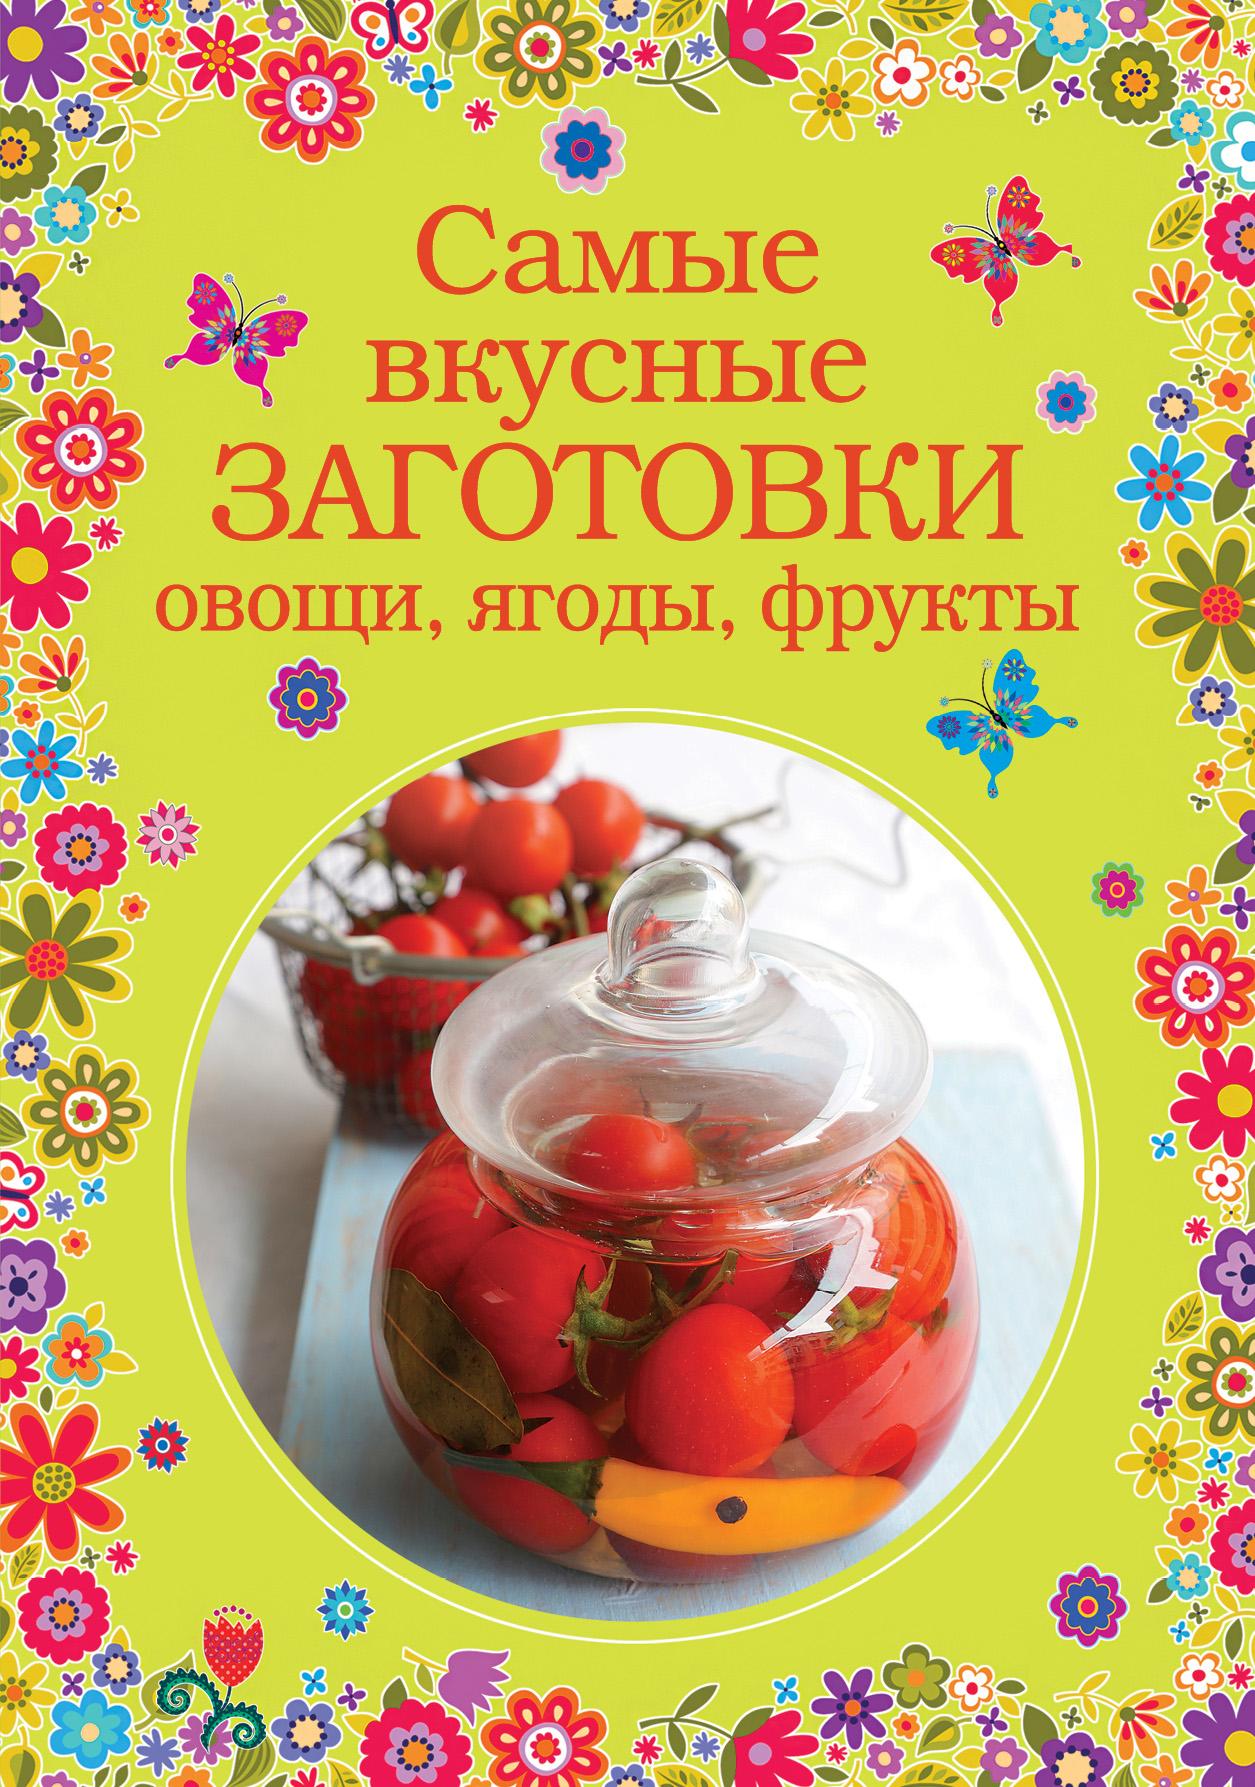 Самые вкусные заготовки. Овощи, ягоды, фрукты the boy s brigade camp handbook